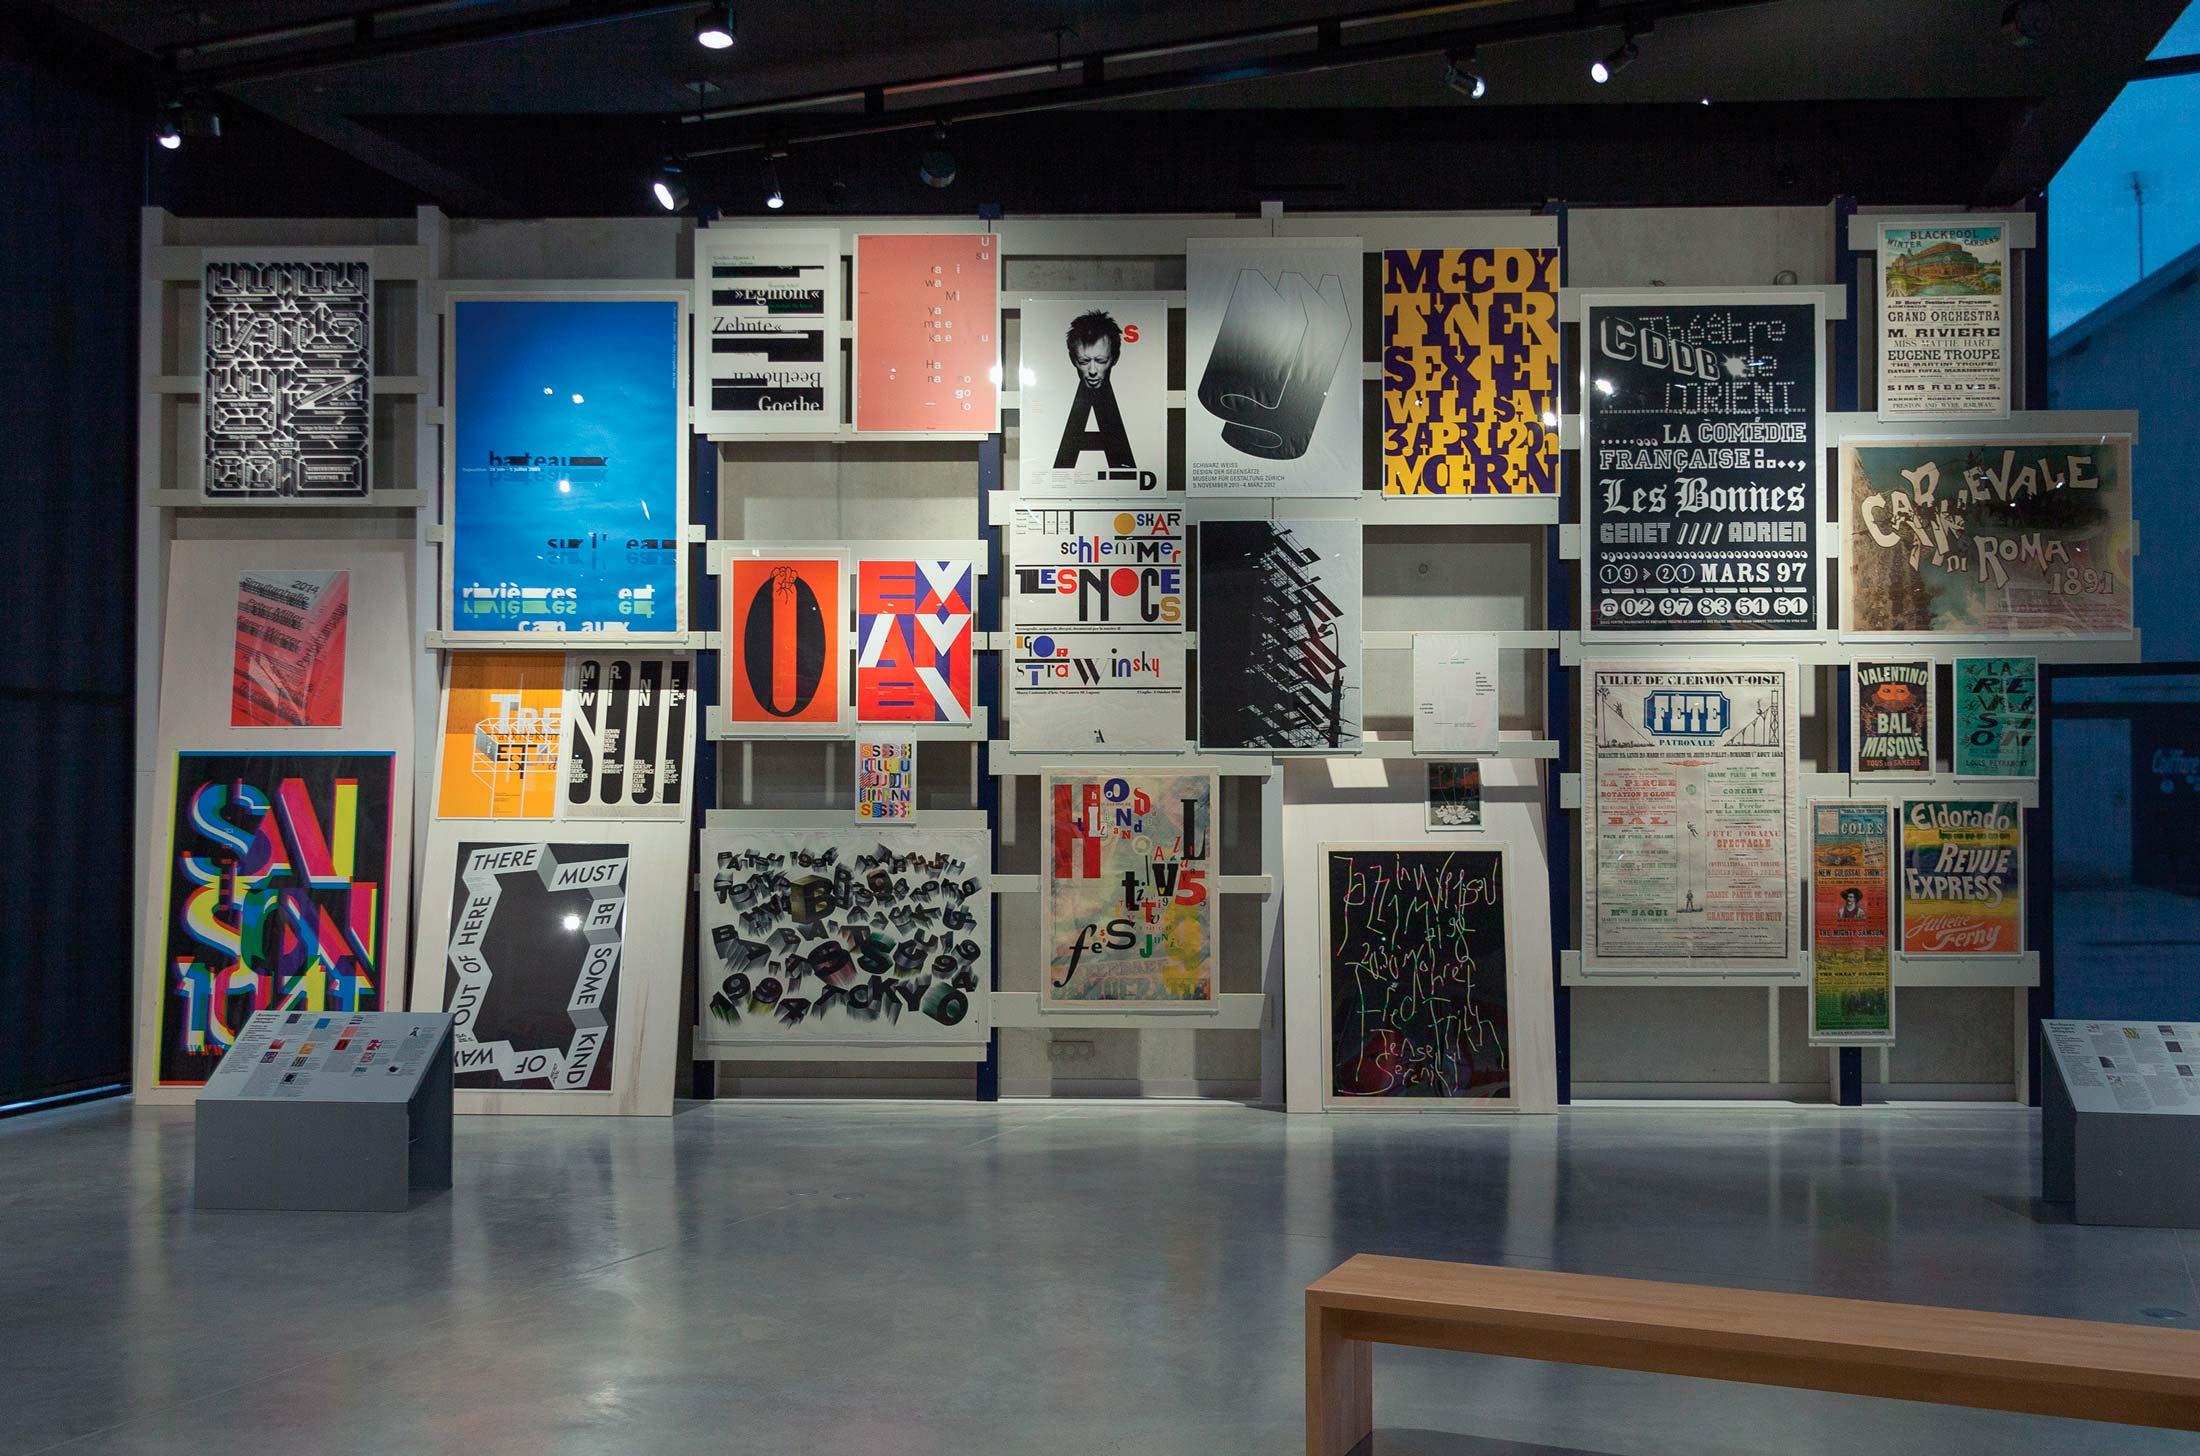 Exposition-la-Collection-le-Signe-centre-national-du-graphisme-Chaumont-conferences-couv-index-grafik.jpg